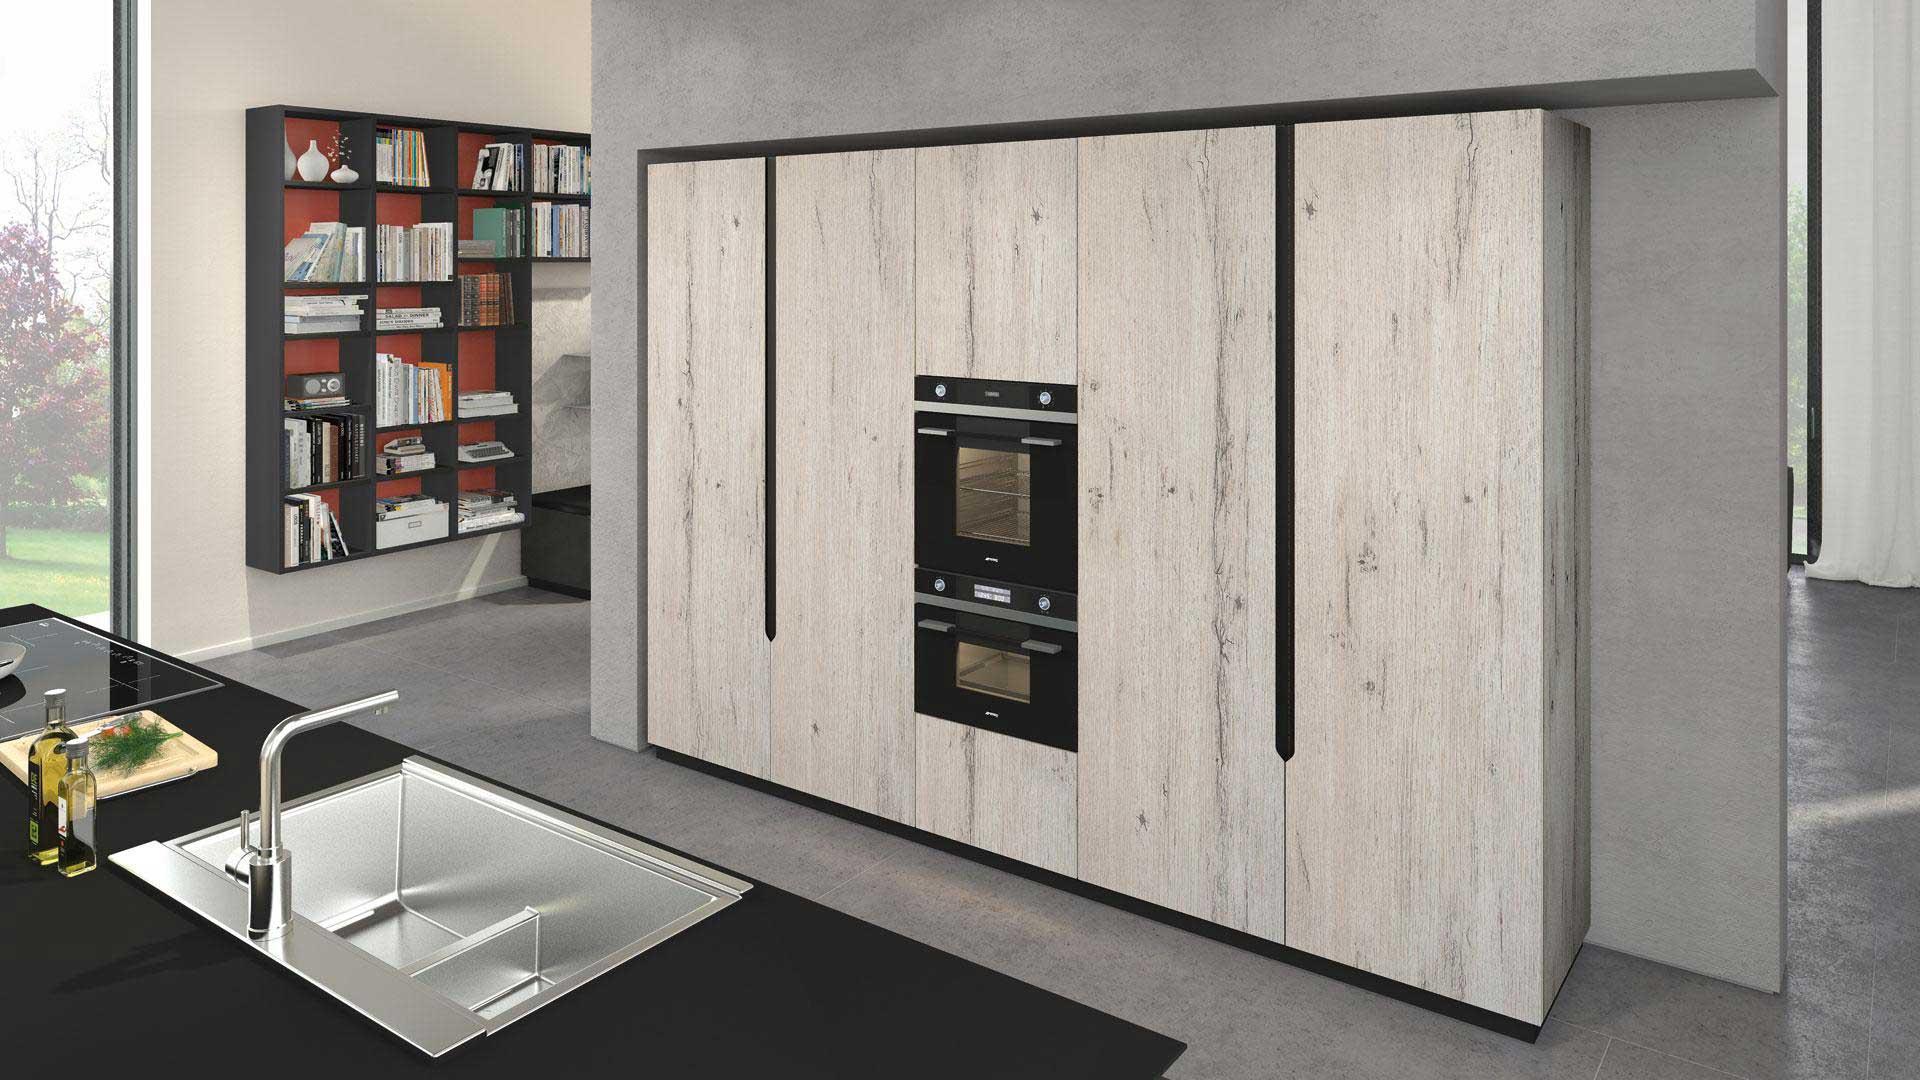 Lube Cucina OLTRE Design Materico Www.olimparredamenti.it #714438 1920 1080 Programma Per Creare Cucine Su Misura